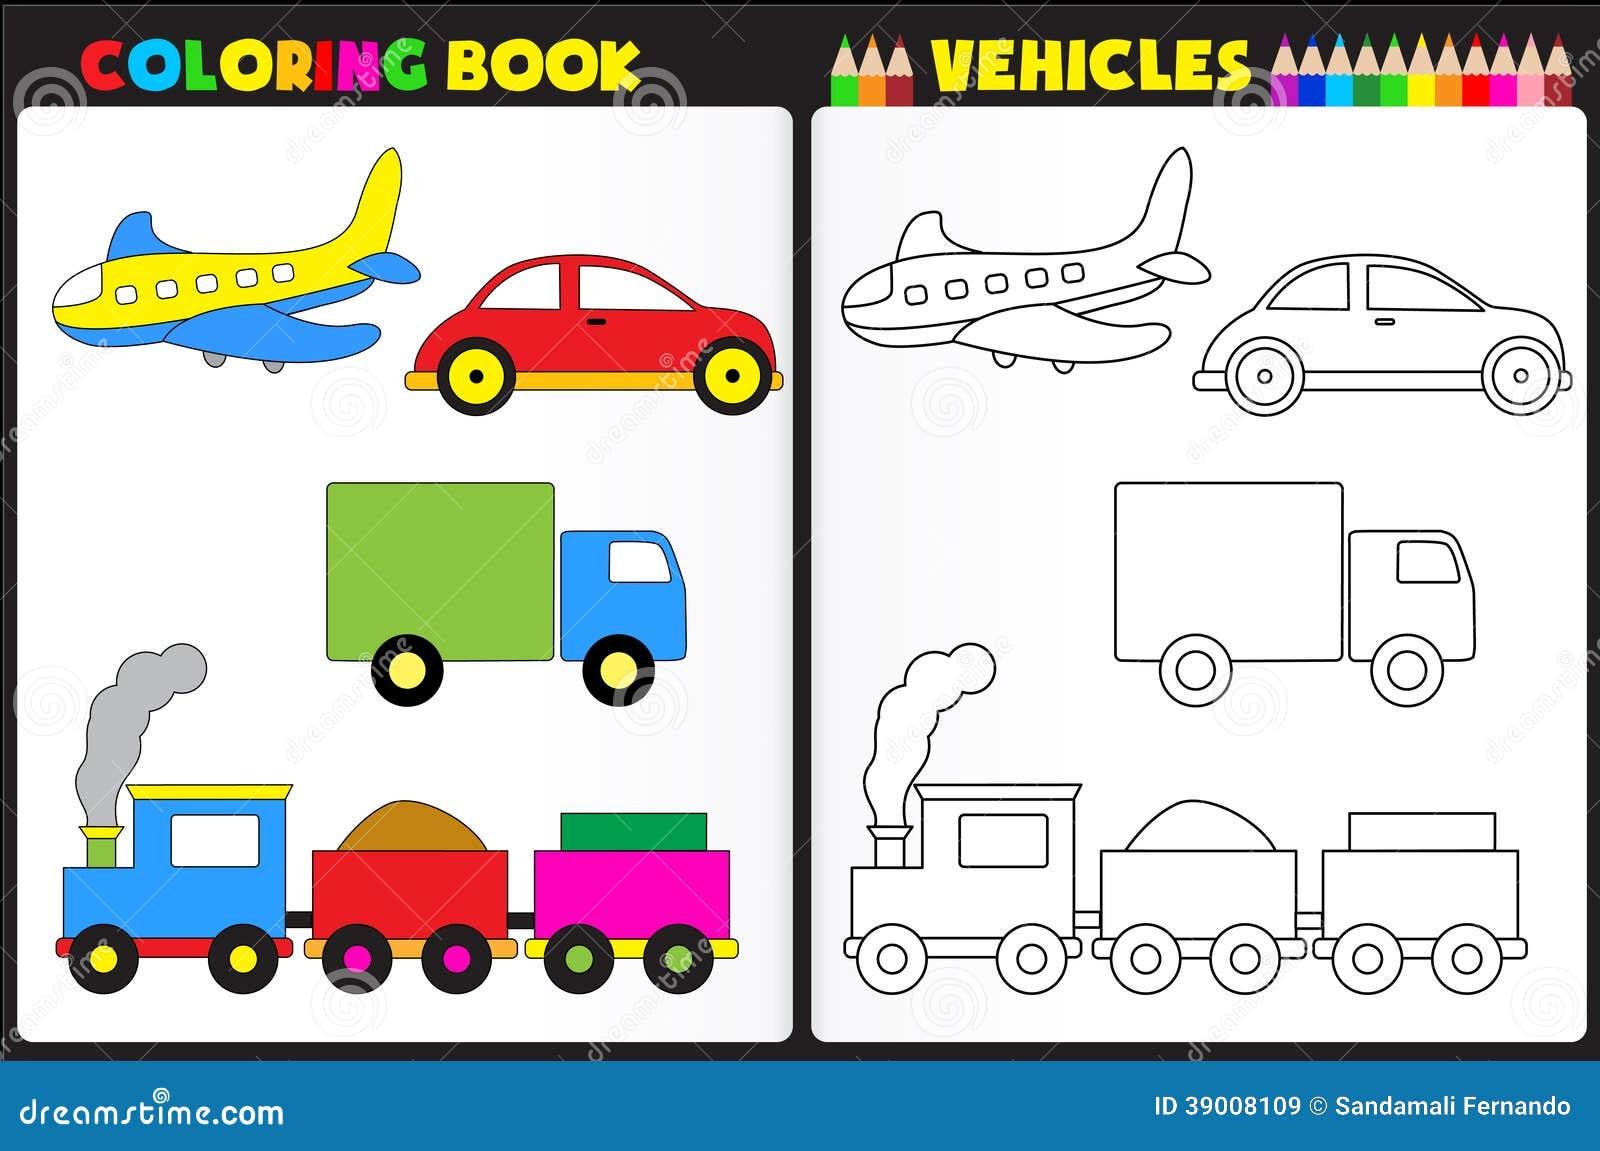 Vehículos del libro de colorear